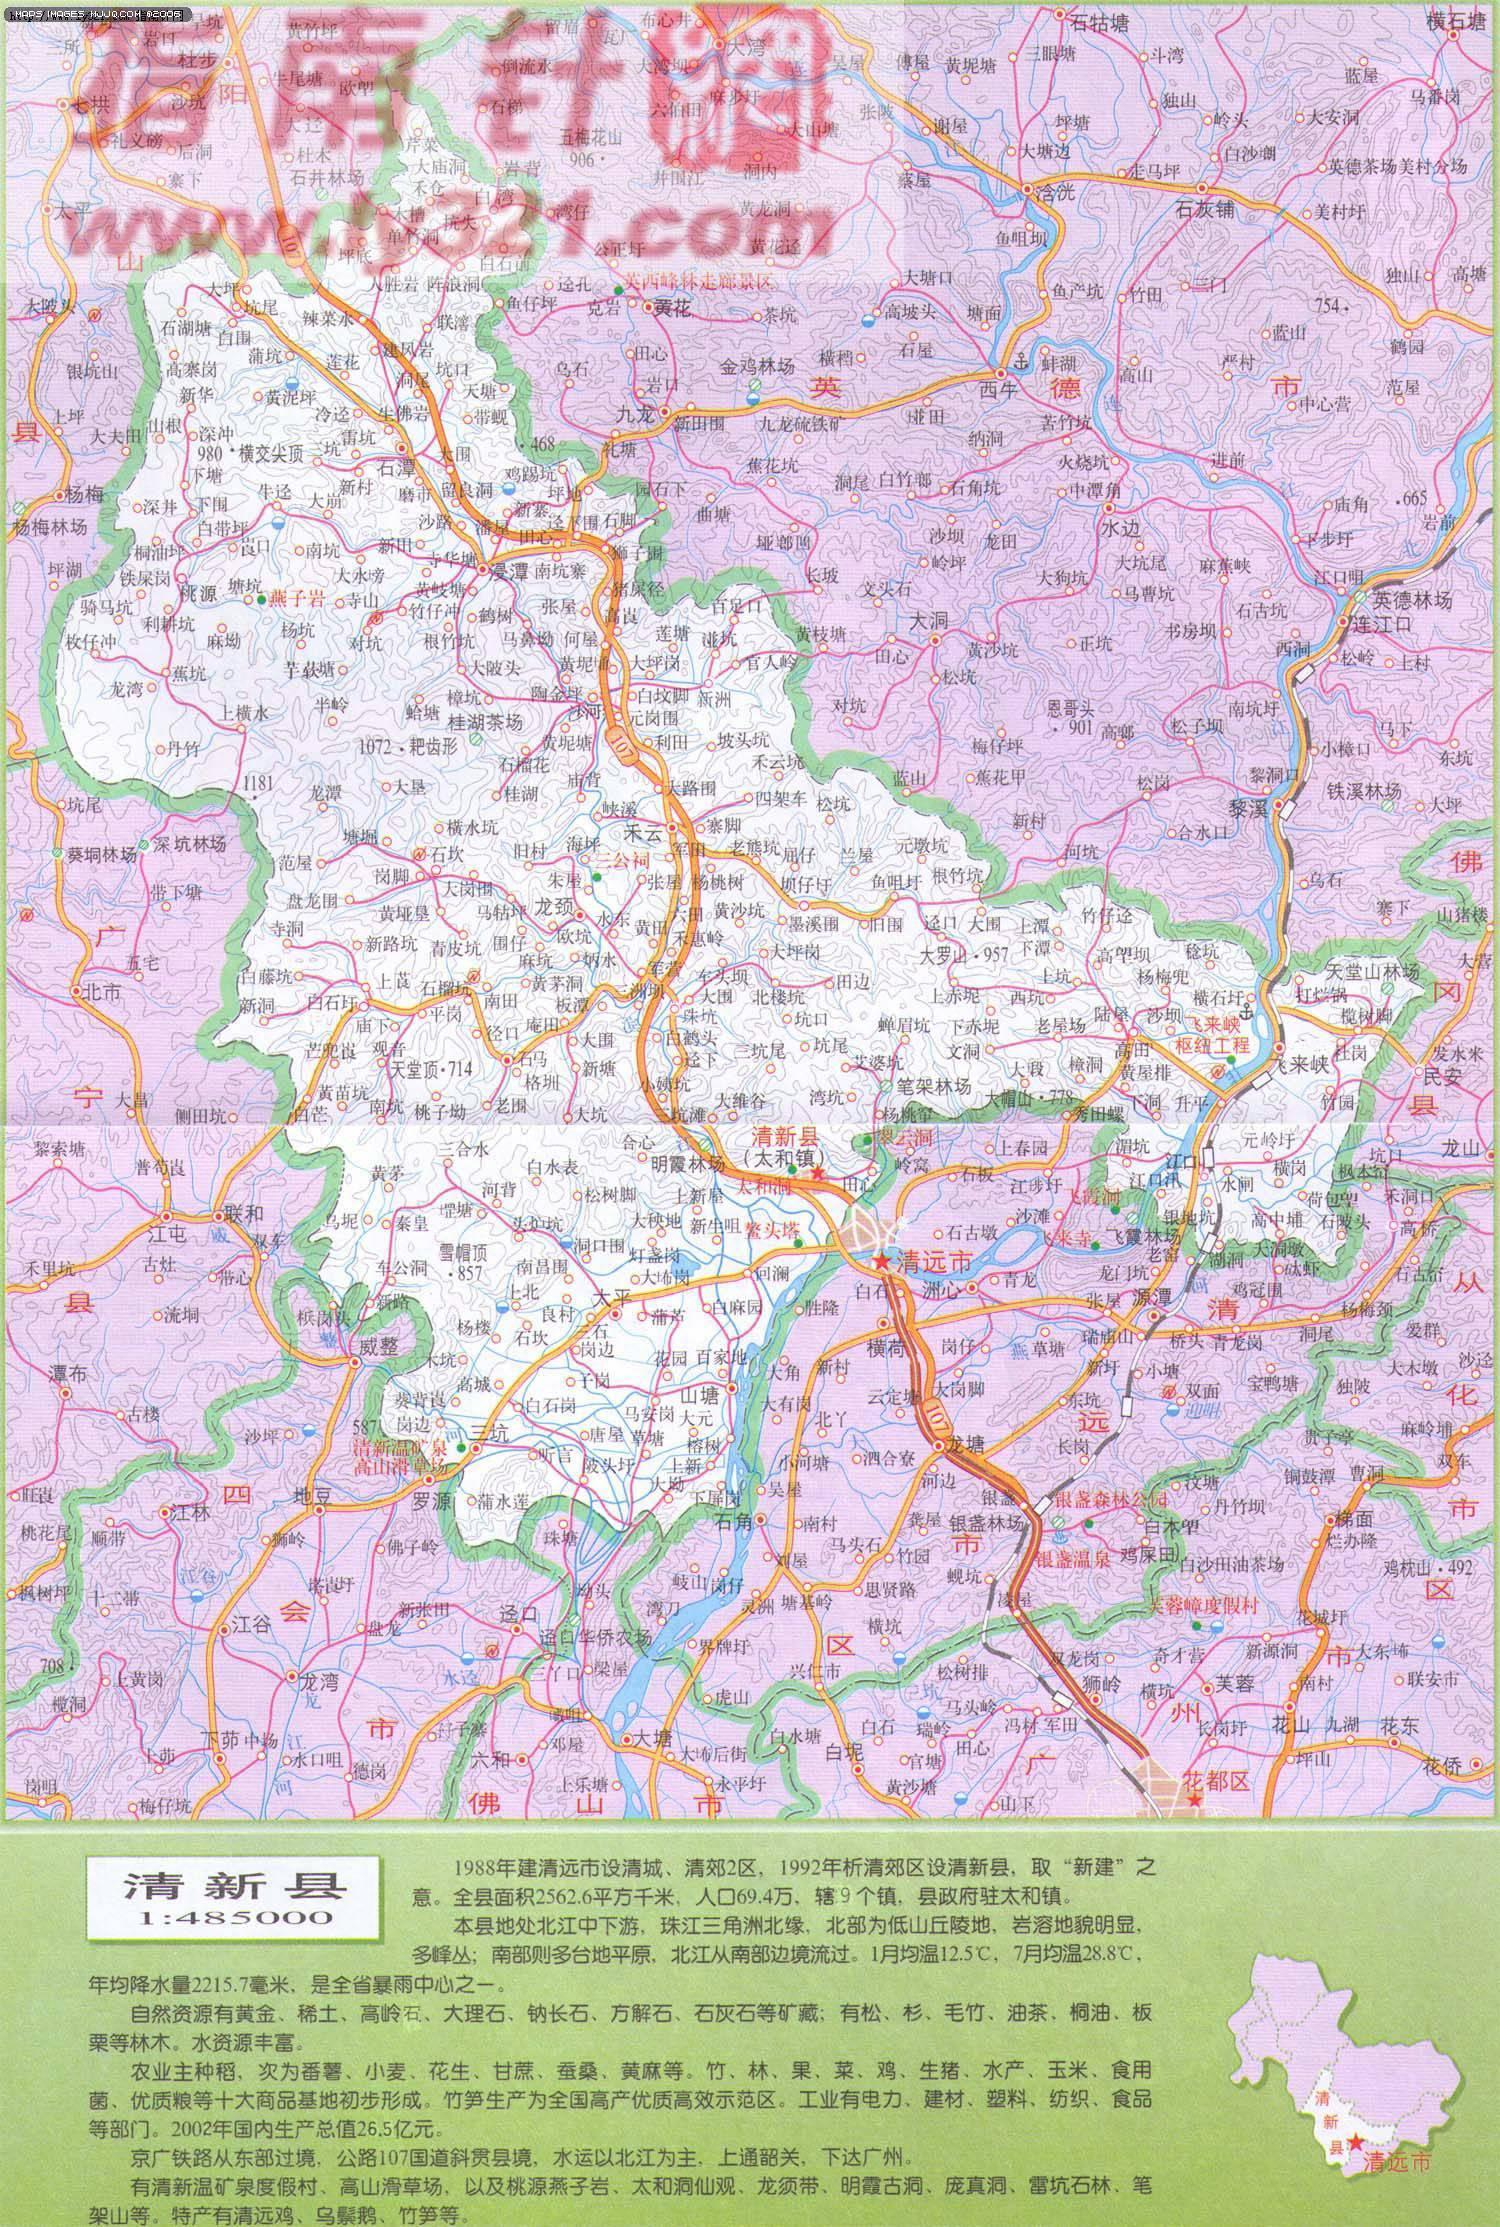 元江县电子地图